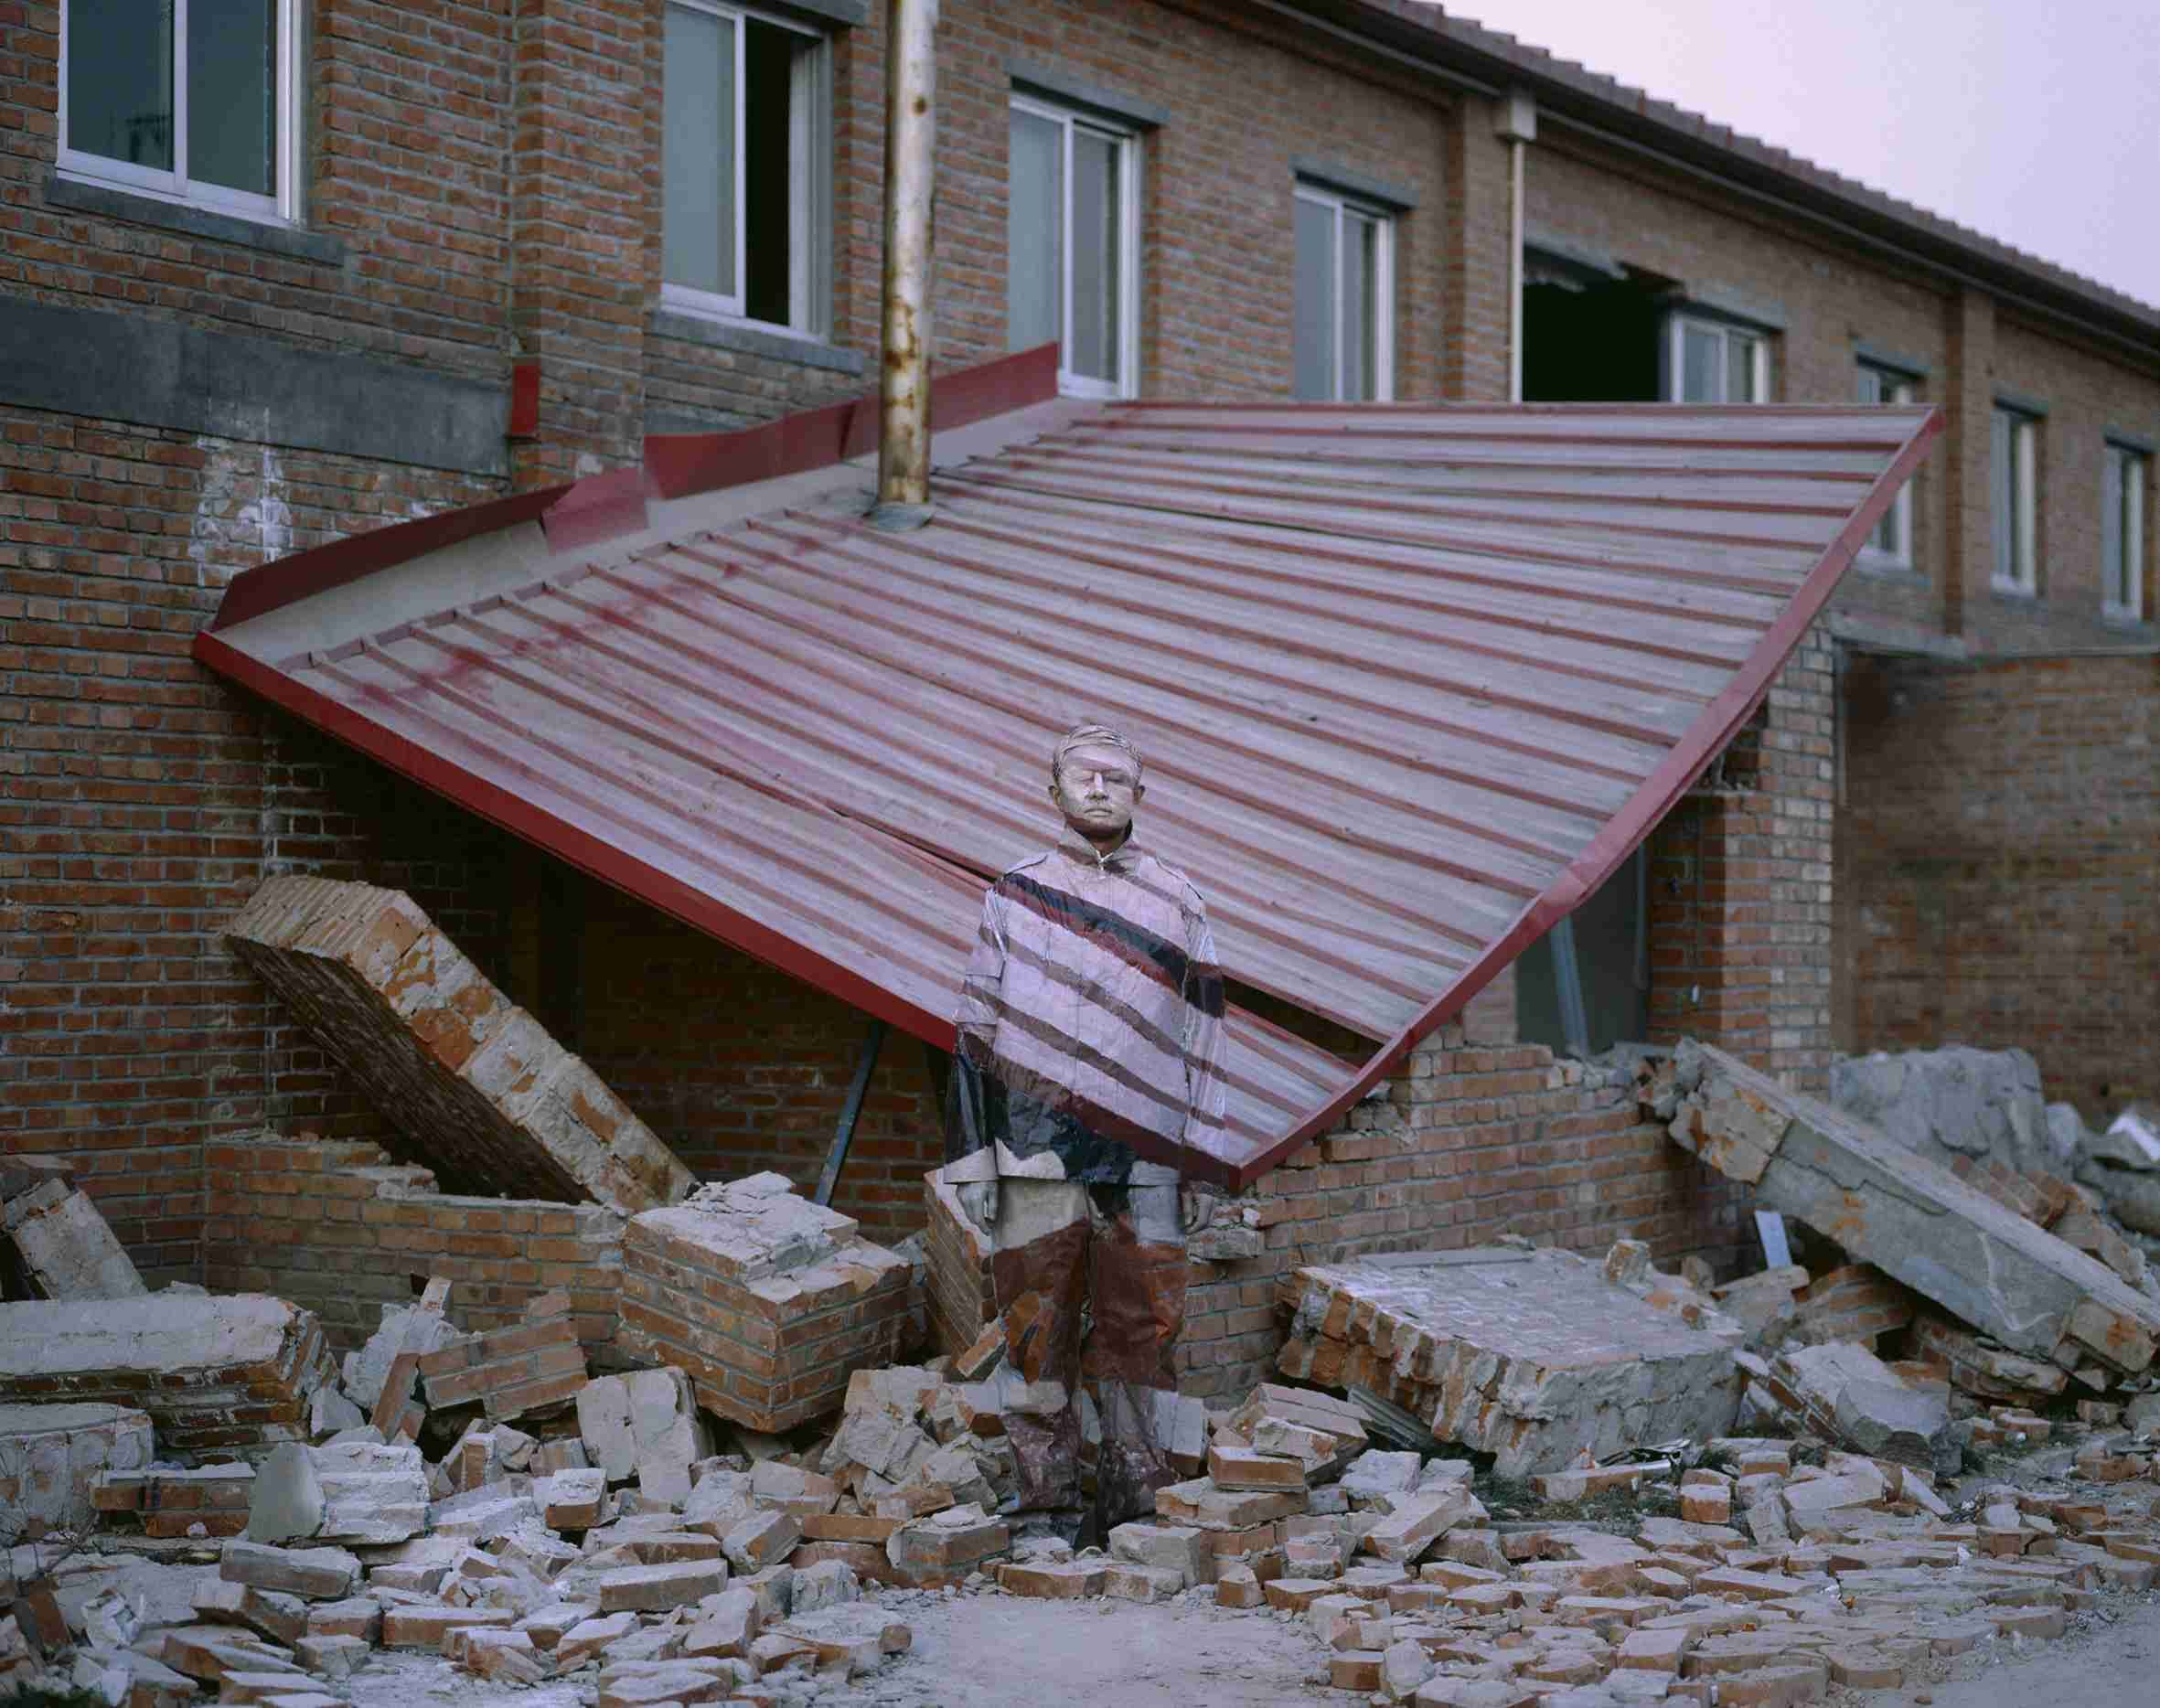 Suojia village, Beijing (Il villaggio di Suojia, Pechino), 2005. - COURTESY BOXART, VERONA